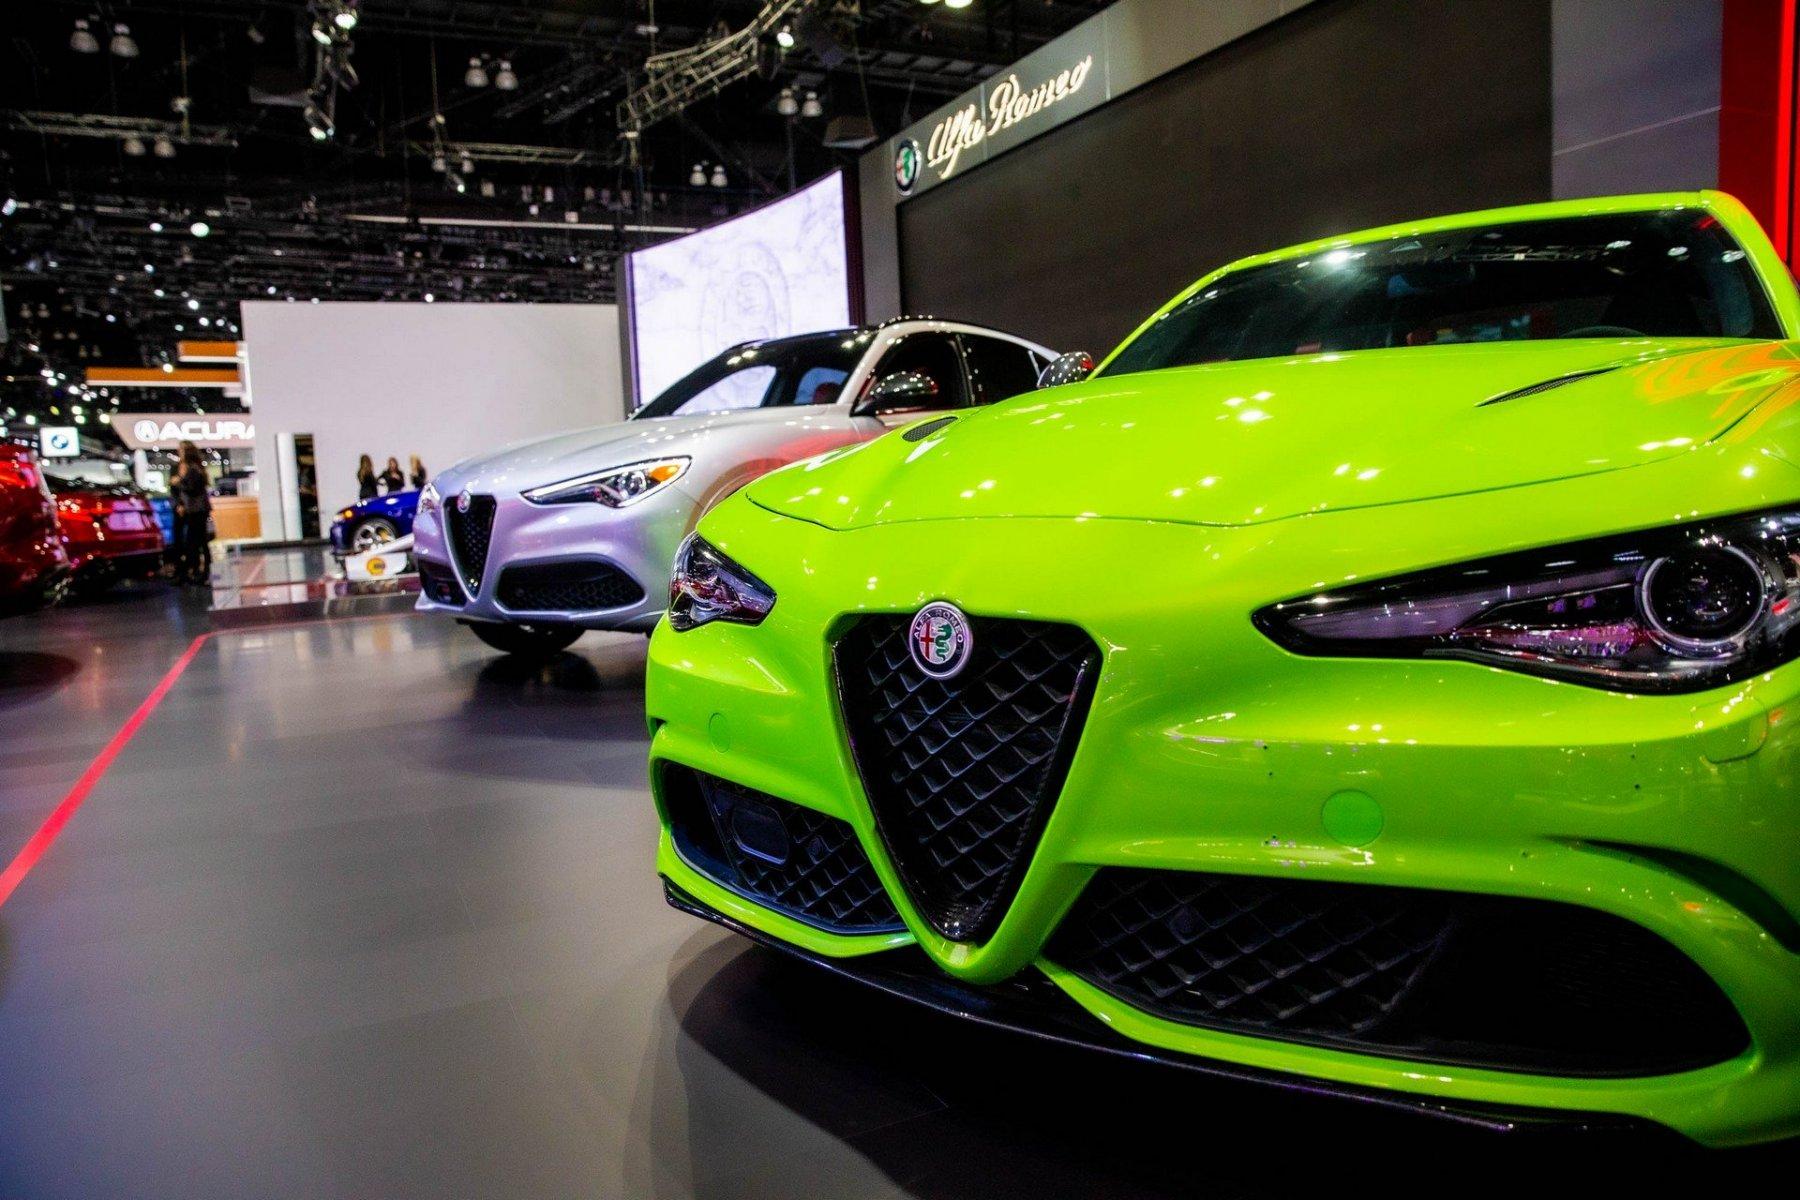 Alfa Romeo Giulia Quadrifoglio Green Neon